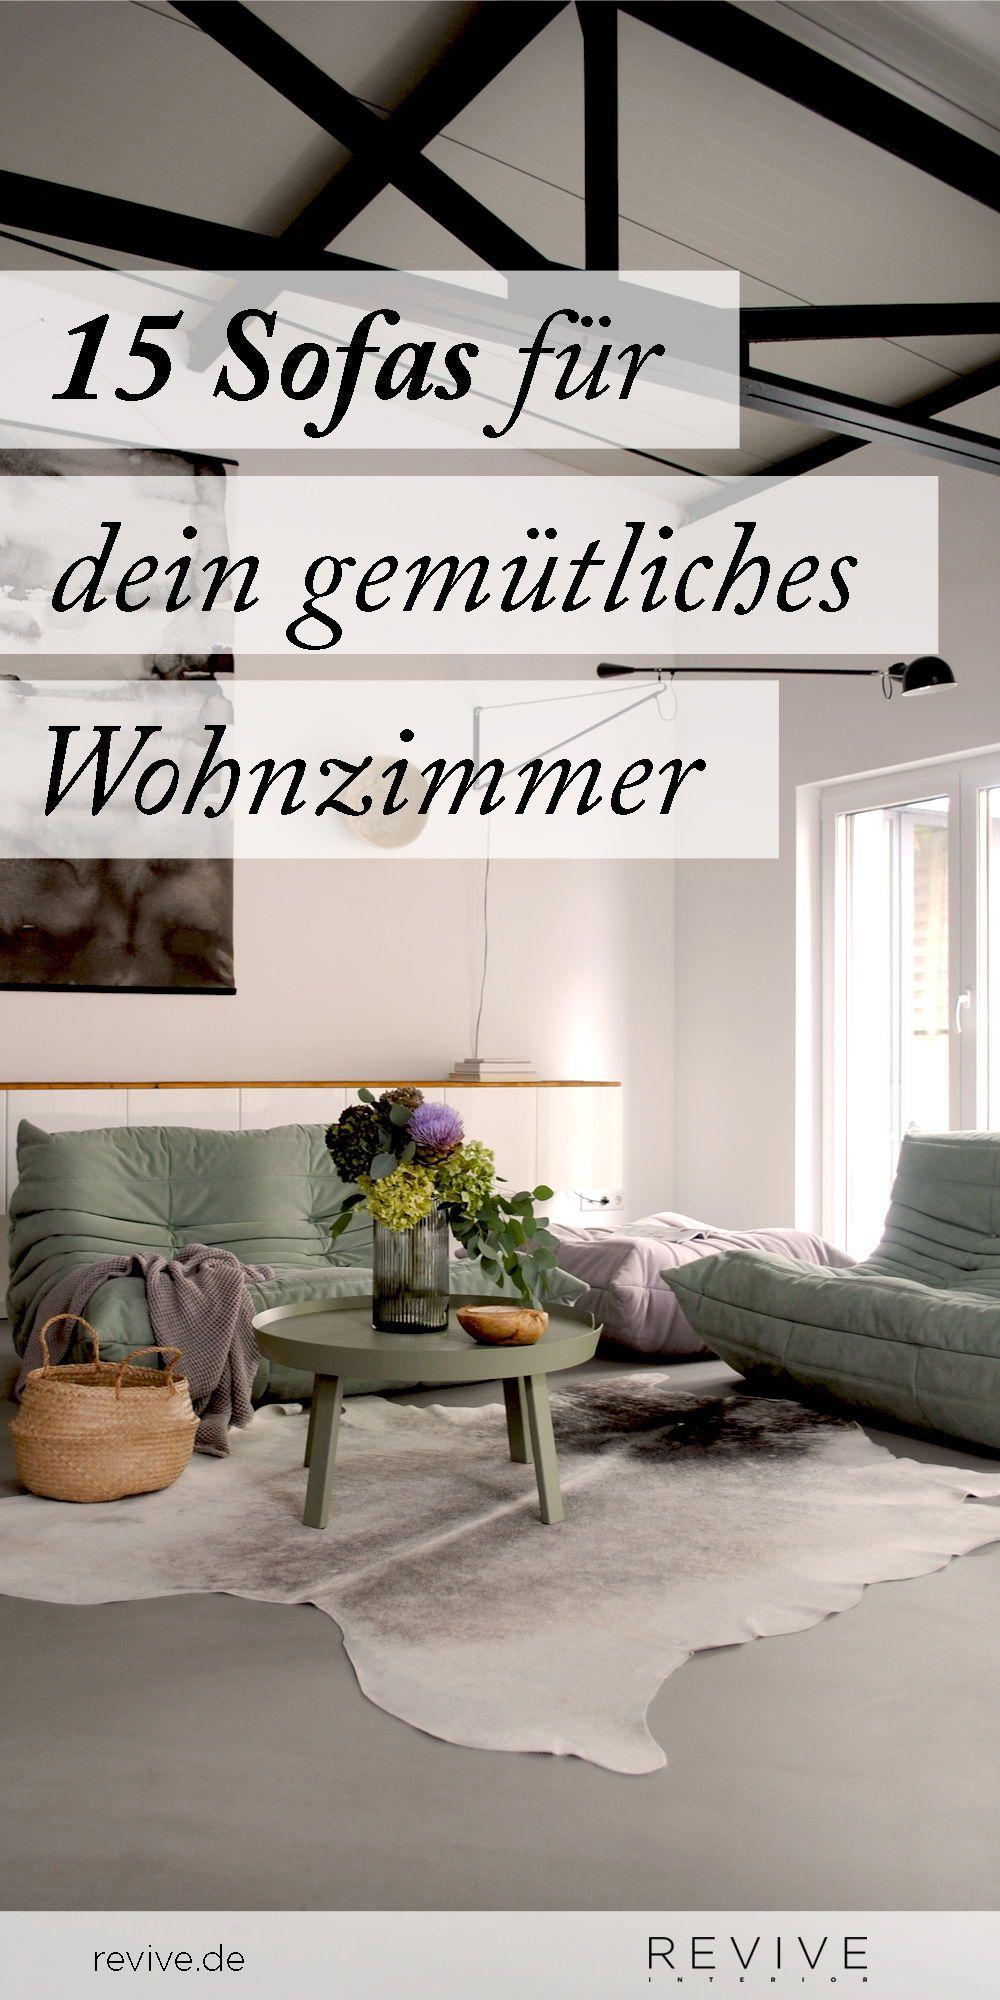 Wohnzimmer Einrichten Sofas Zum Wohlfühlen Wohnzimmer